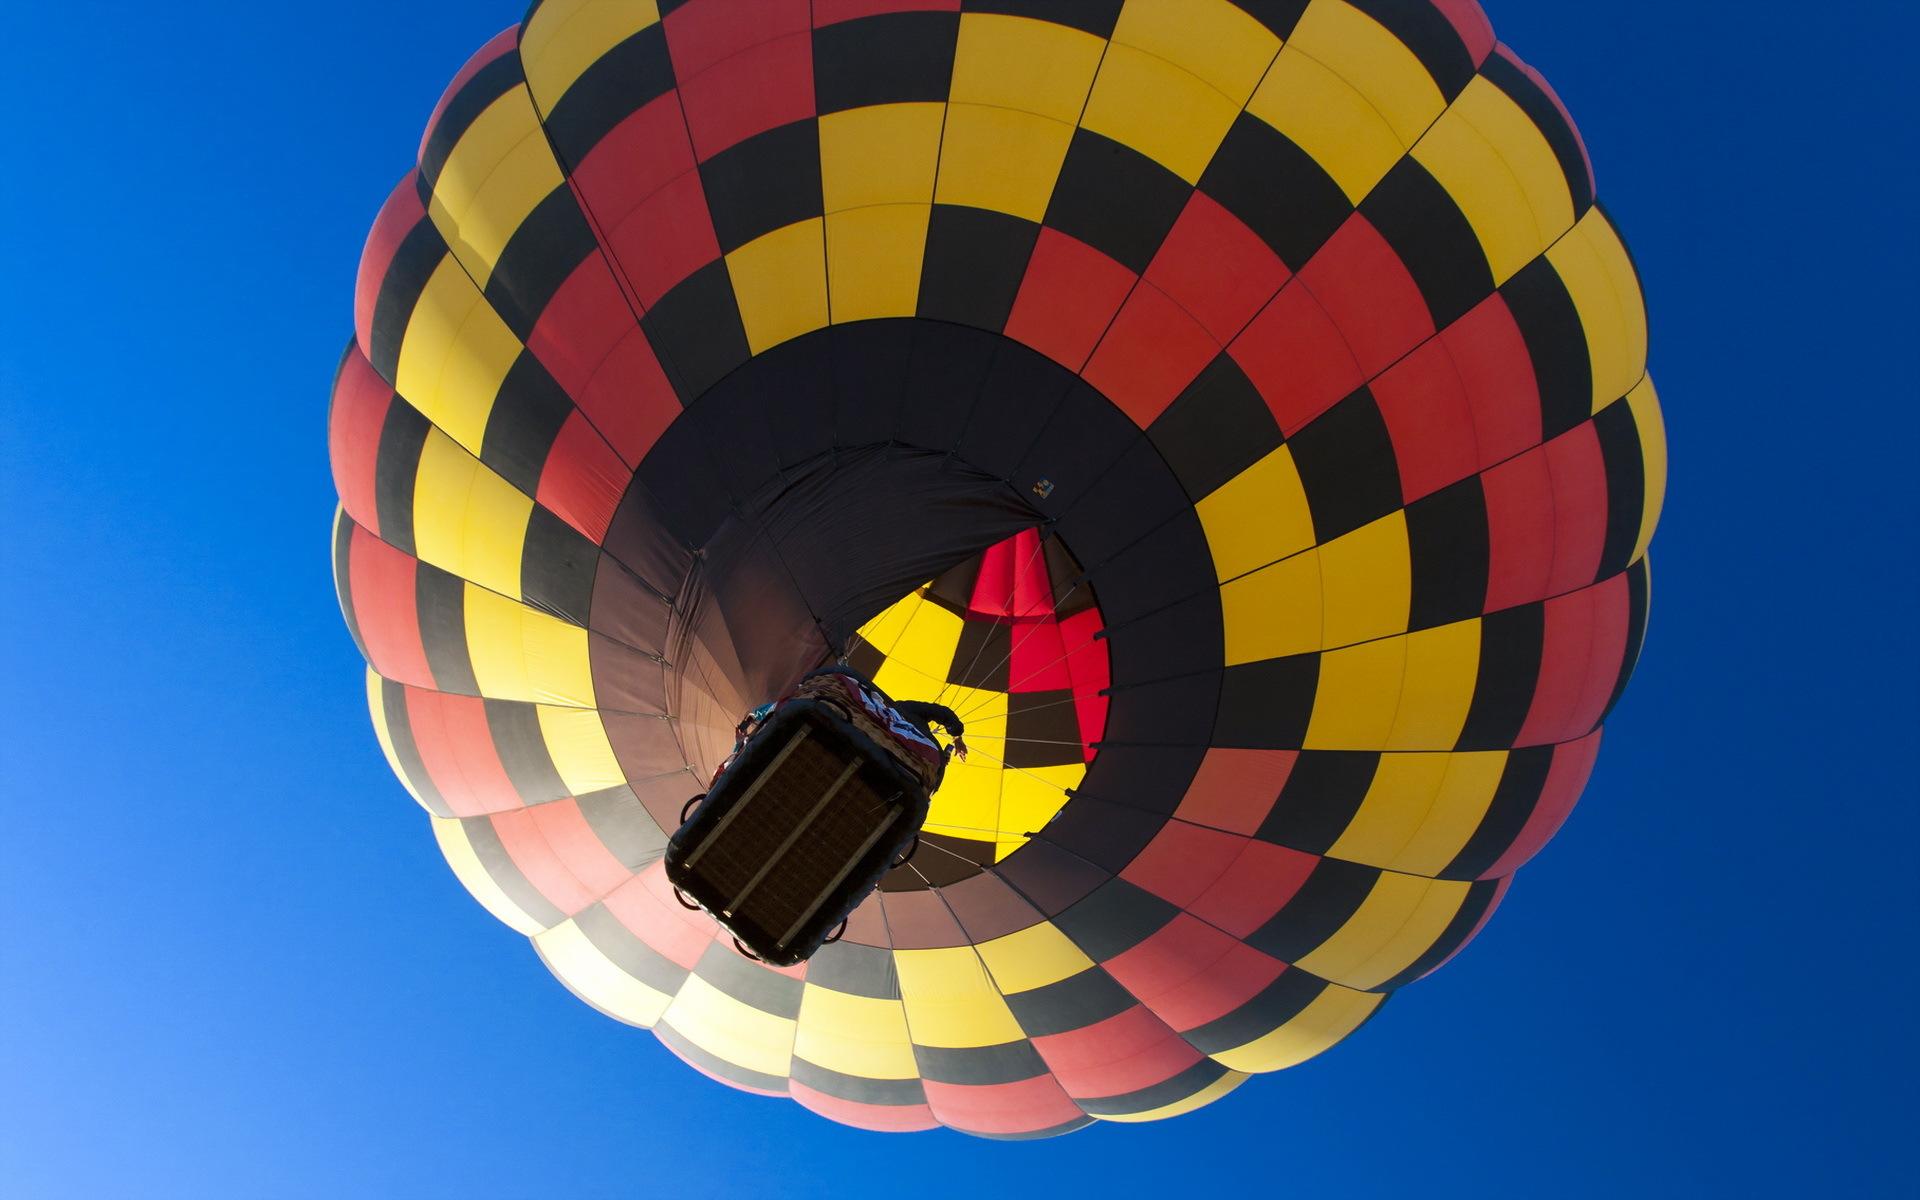 hot air balloon desktop wallpaper 48990